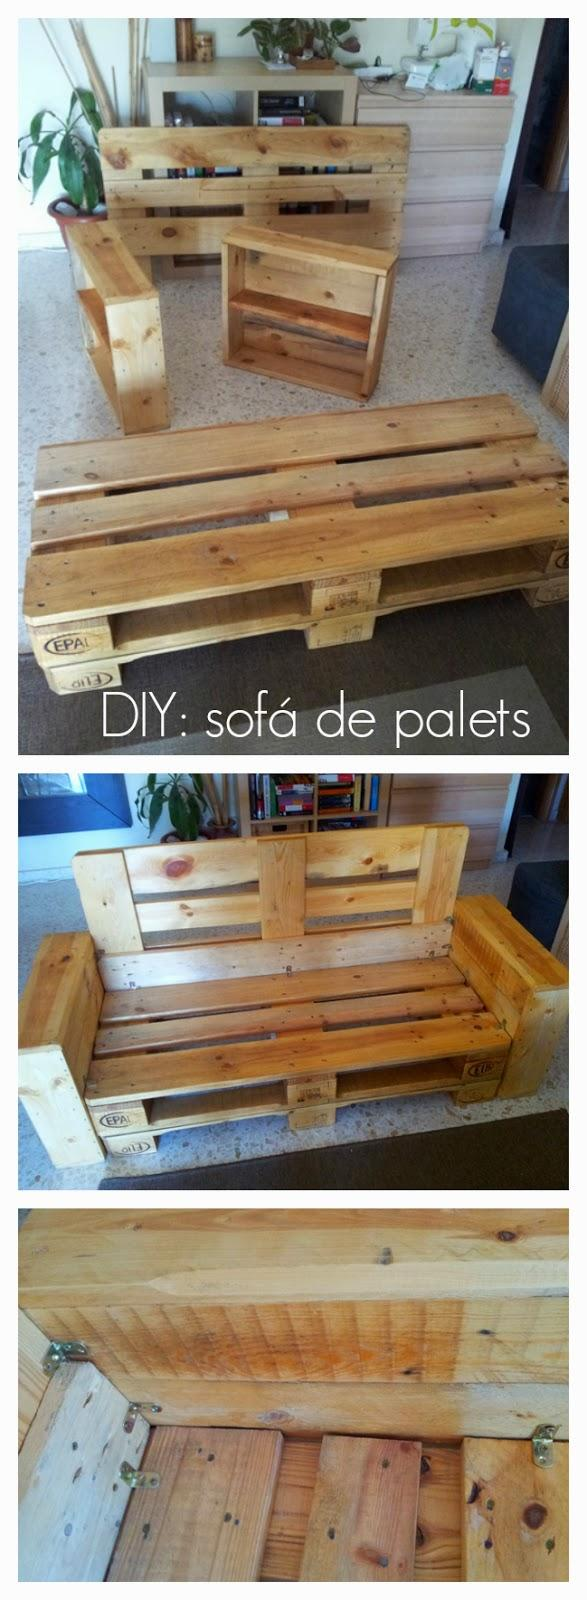 Diy c mo hacer un sof con palets paperblog - Construir sofa con palets ...